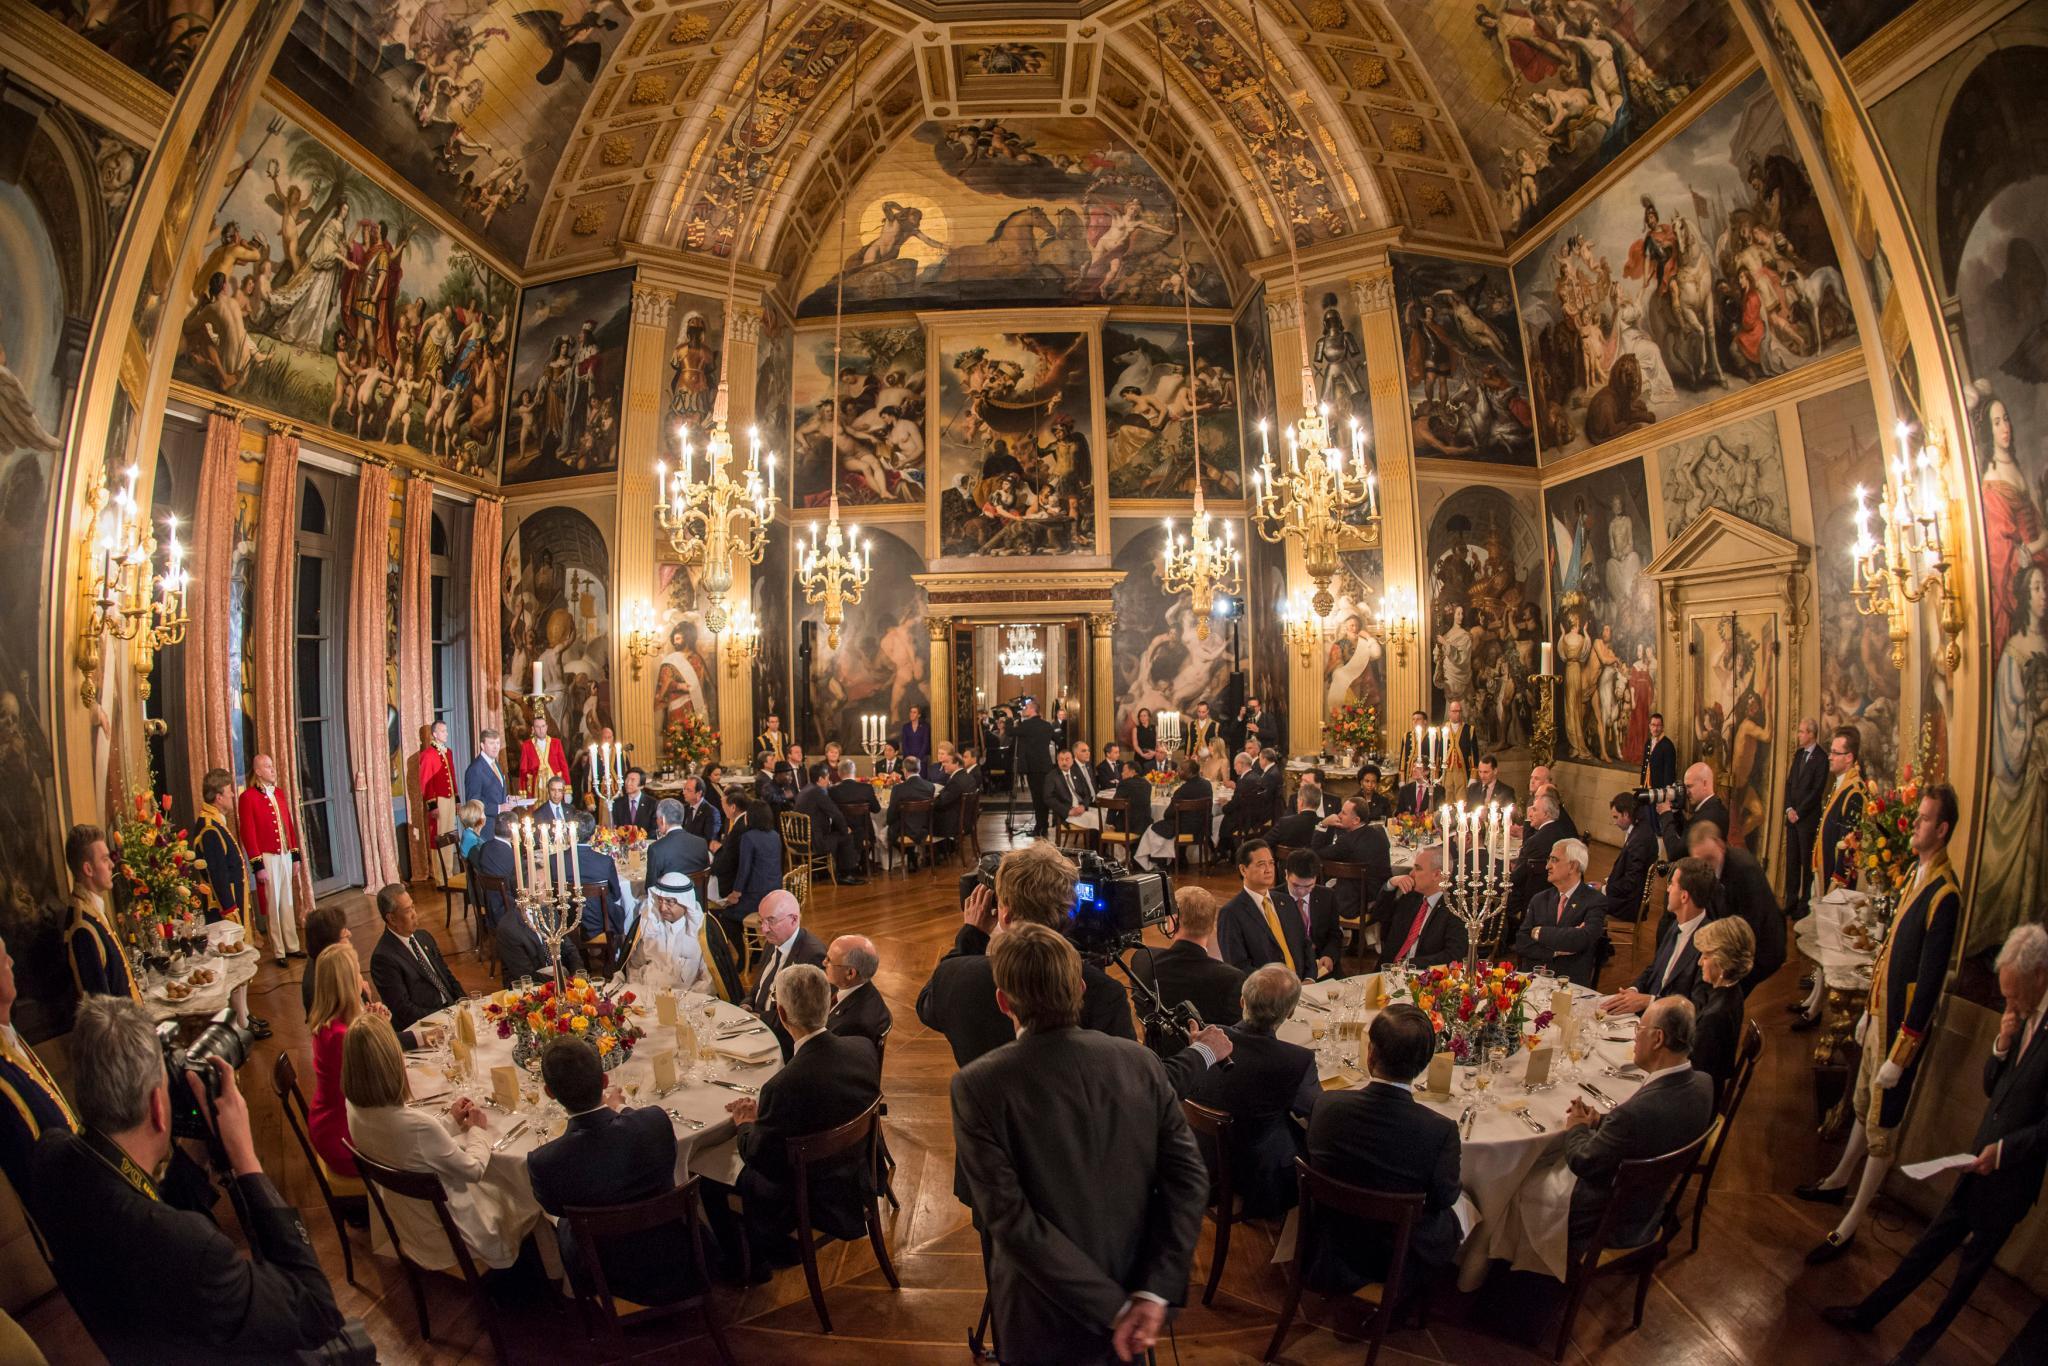 In diesem Festsaal im Könisgpalast in Den Haag fand das Dinner mit internationalen Politikern, darunter auch US-Präsident Barack Obama, statt.